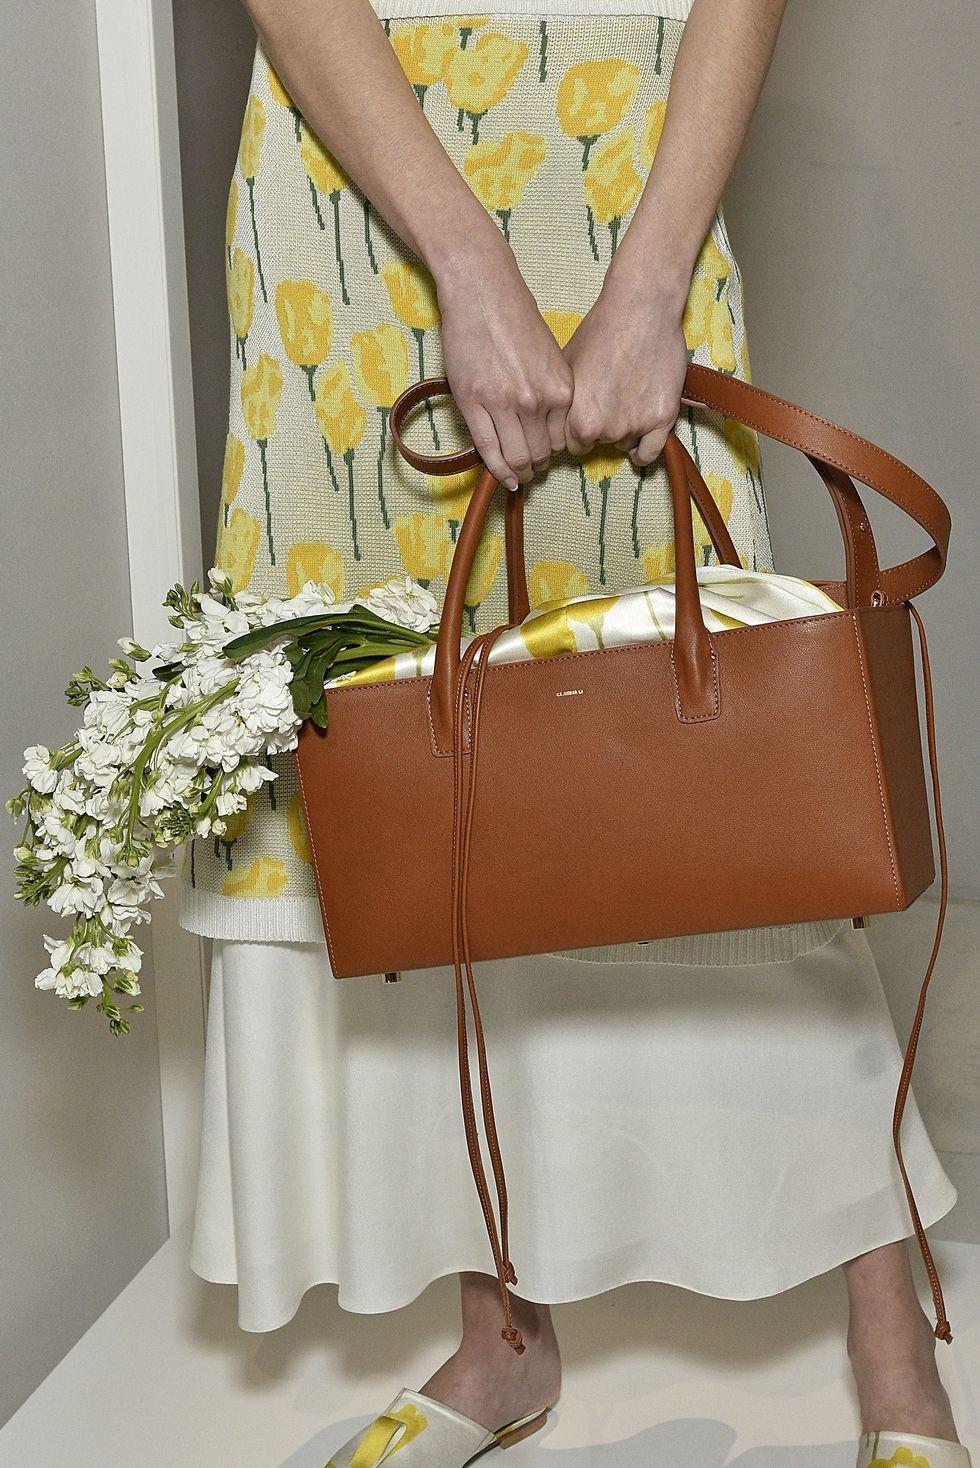 Коричневая сумка от Claudia-Li - вариация на тему портфелей и сундуков